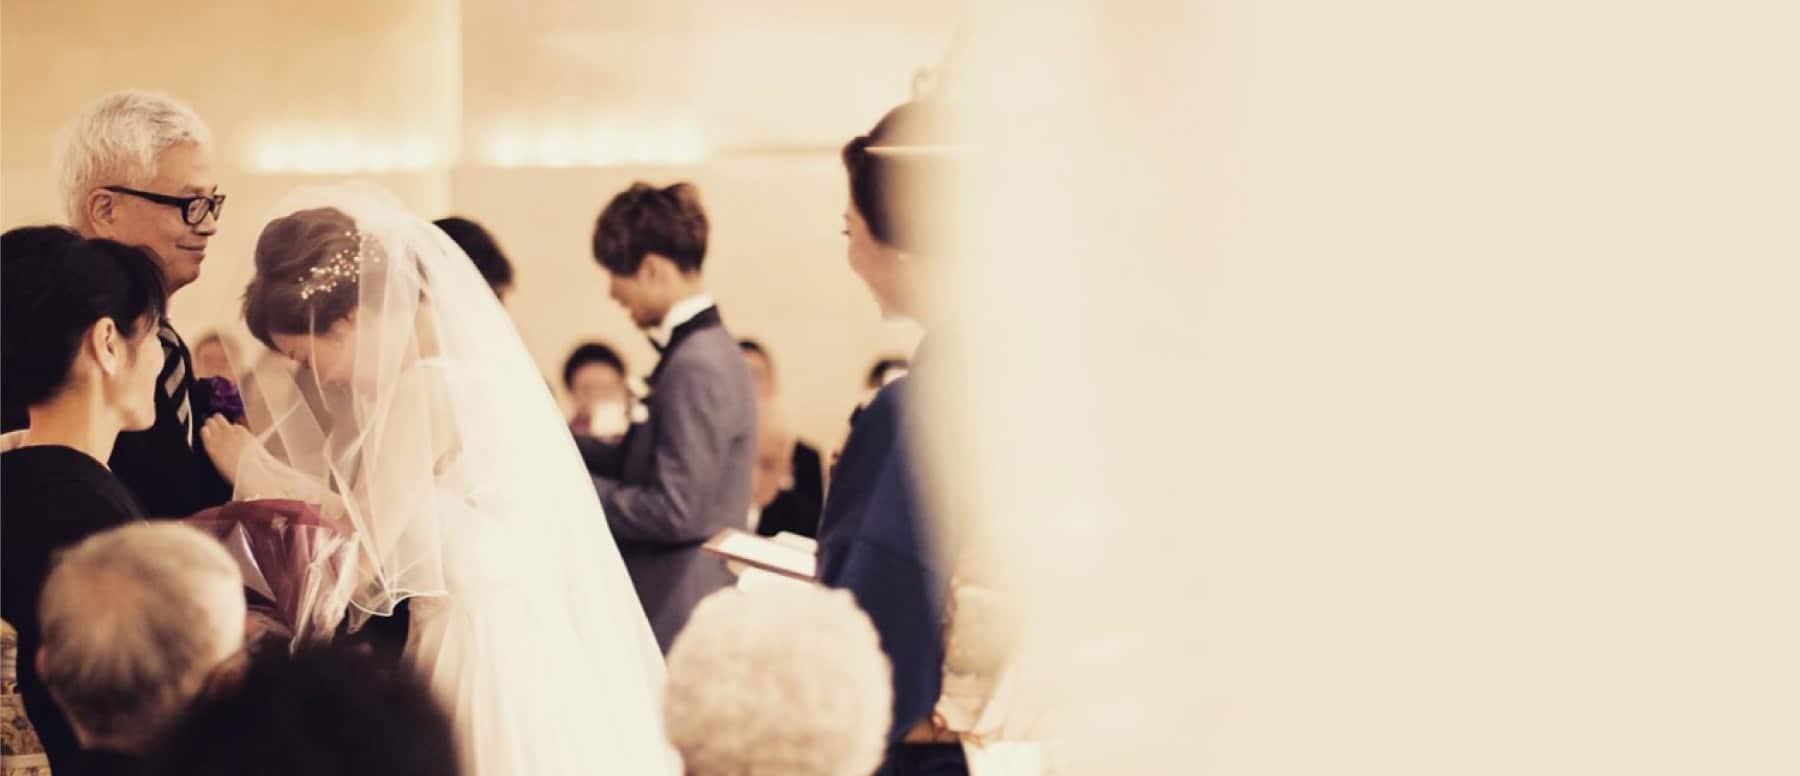 ザ マグリット | 岡山県岡山市の結婚式場・パーティーウェディング・おもてなしウェディング 岡山 結婚式場 MAGRITTE WEDDING